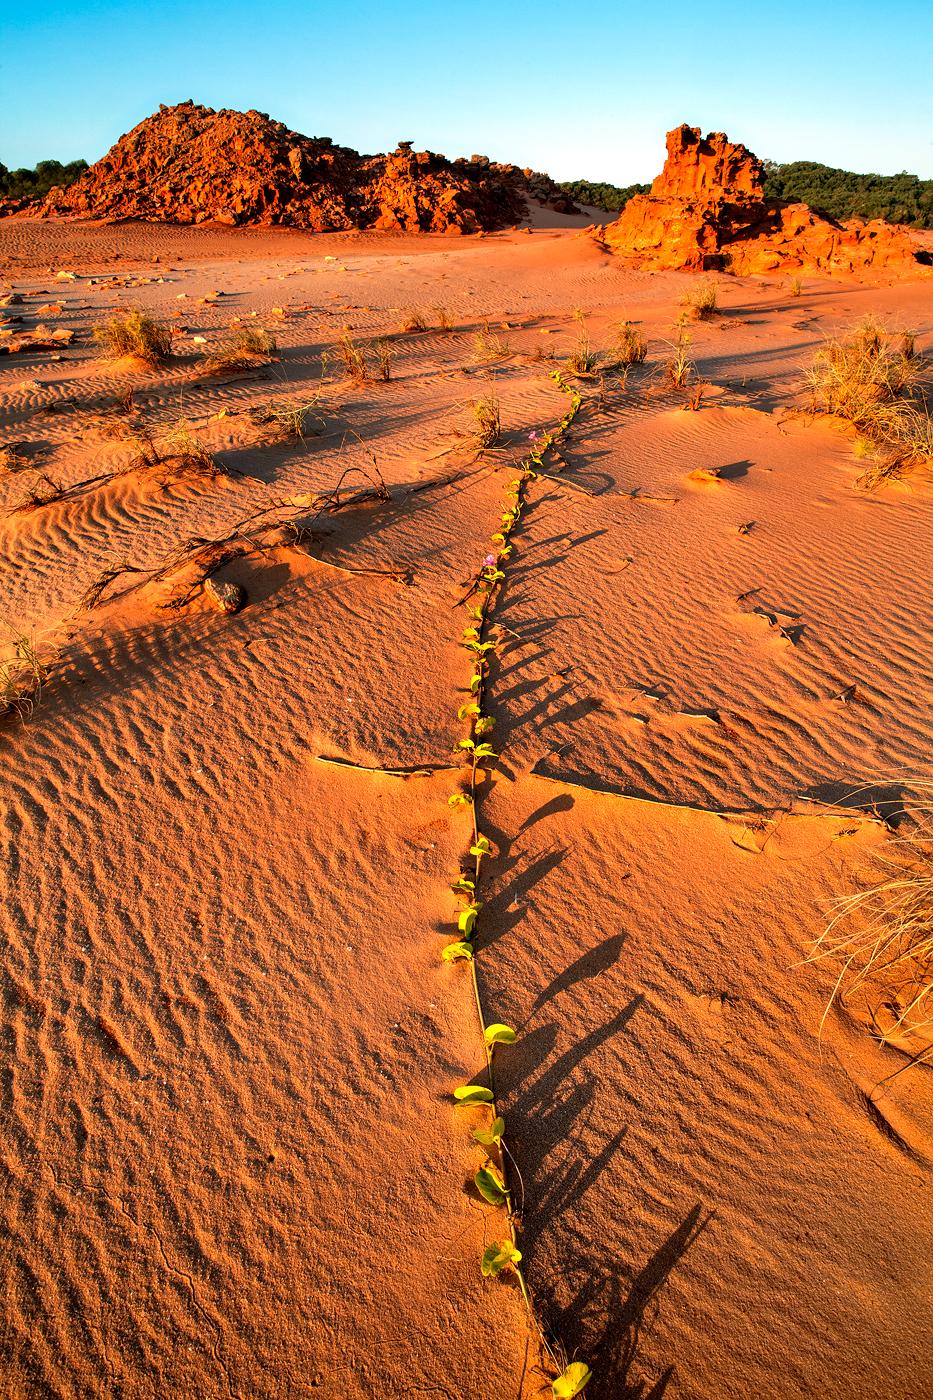 Vine in the Sand, Cape Leveque